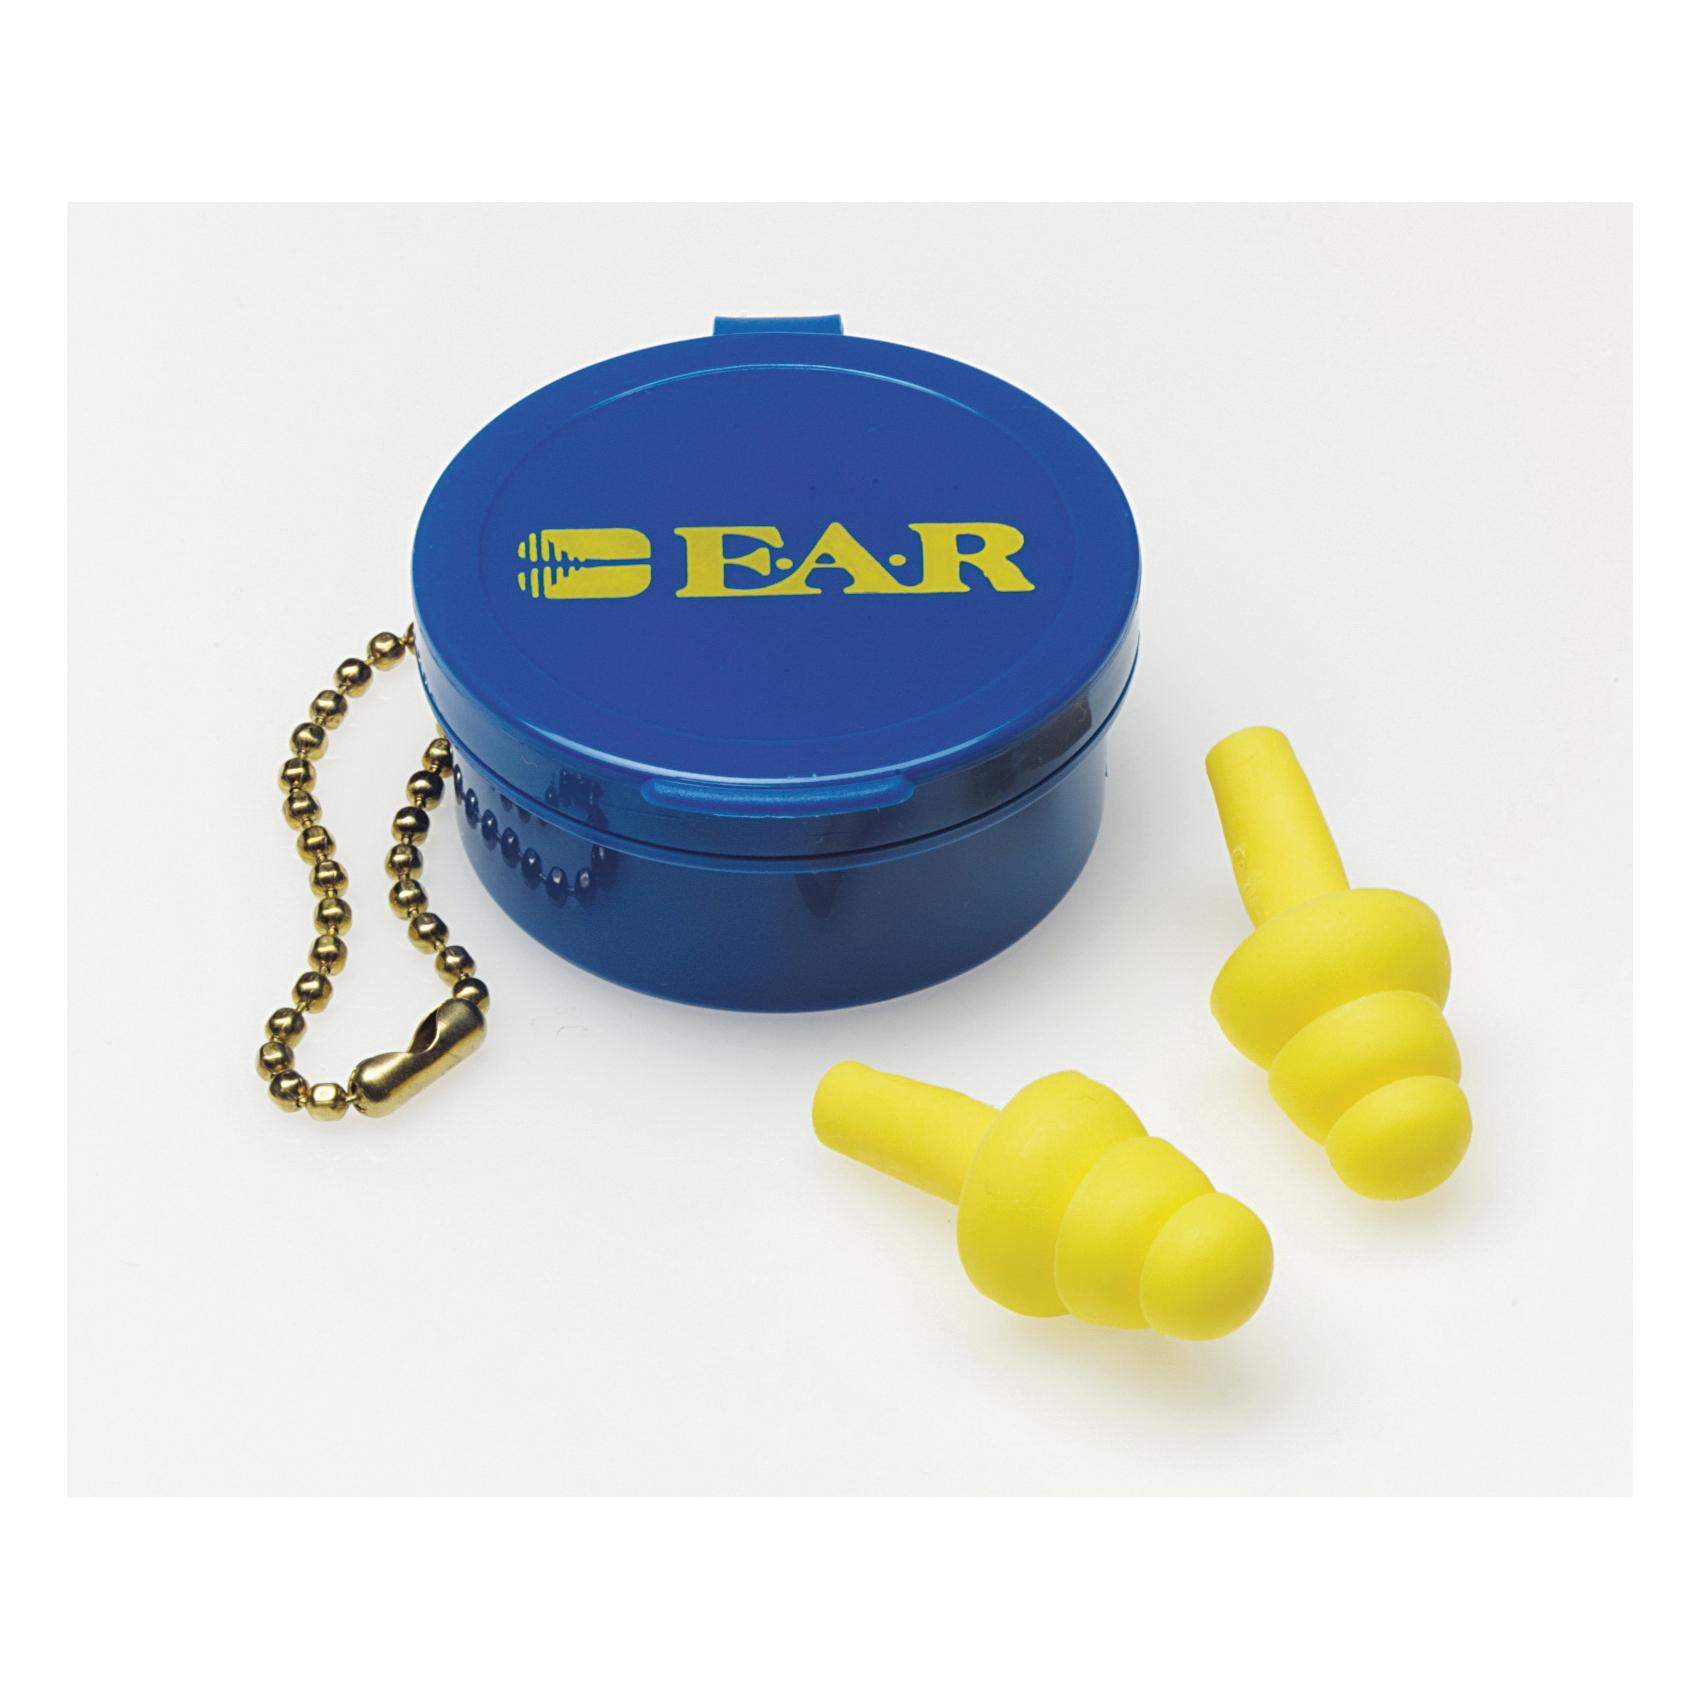 3M™ E-A-R™ 080529-40000 UltraFit™ Earplugs, 25 dB Noise Reduction, Multi-Flange Shape, CSA Class AL, Reusable, Uncorded Design